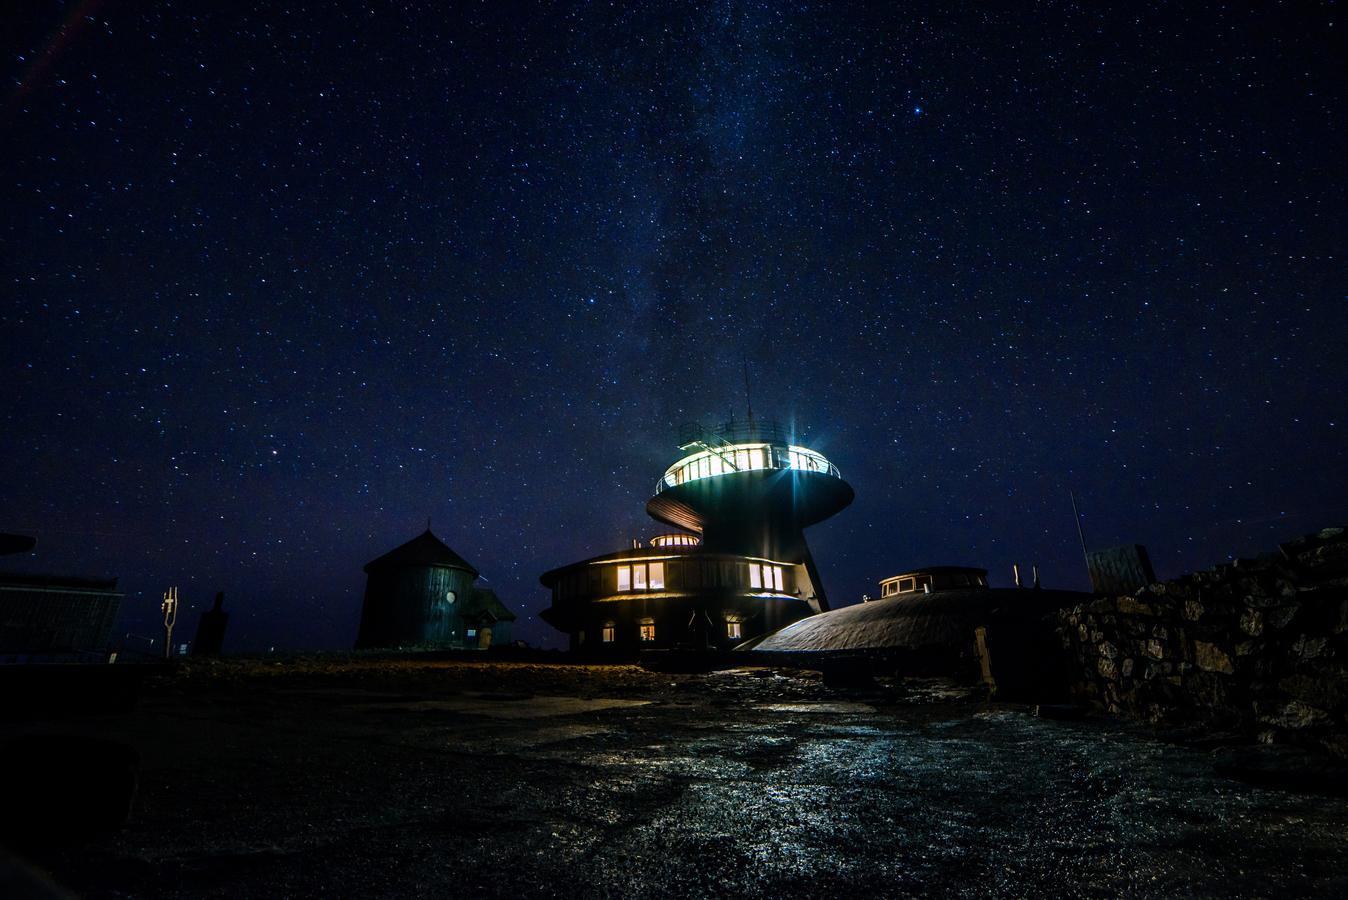 Ufo pod hvězdami ...